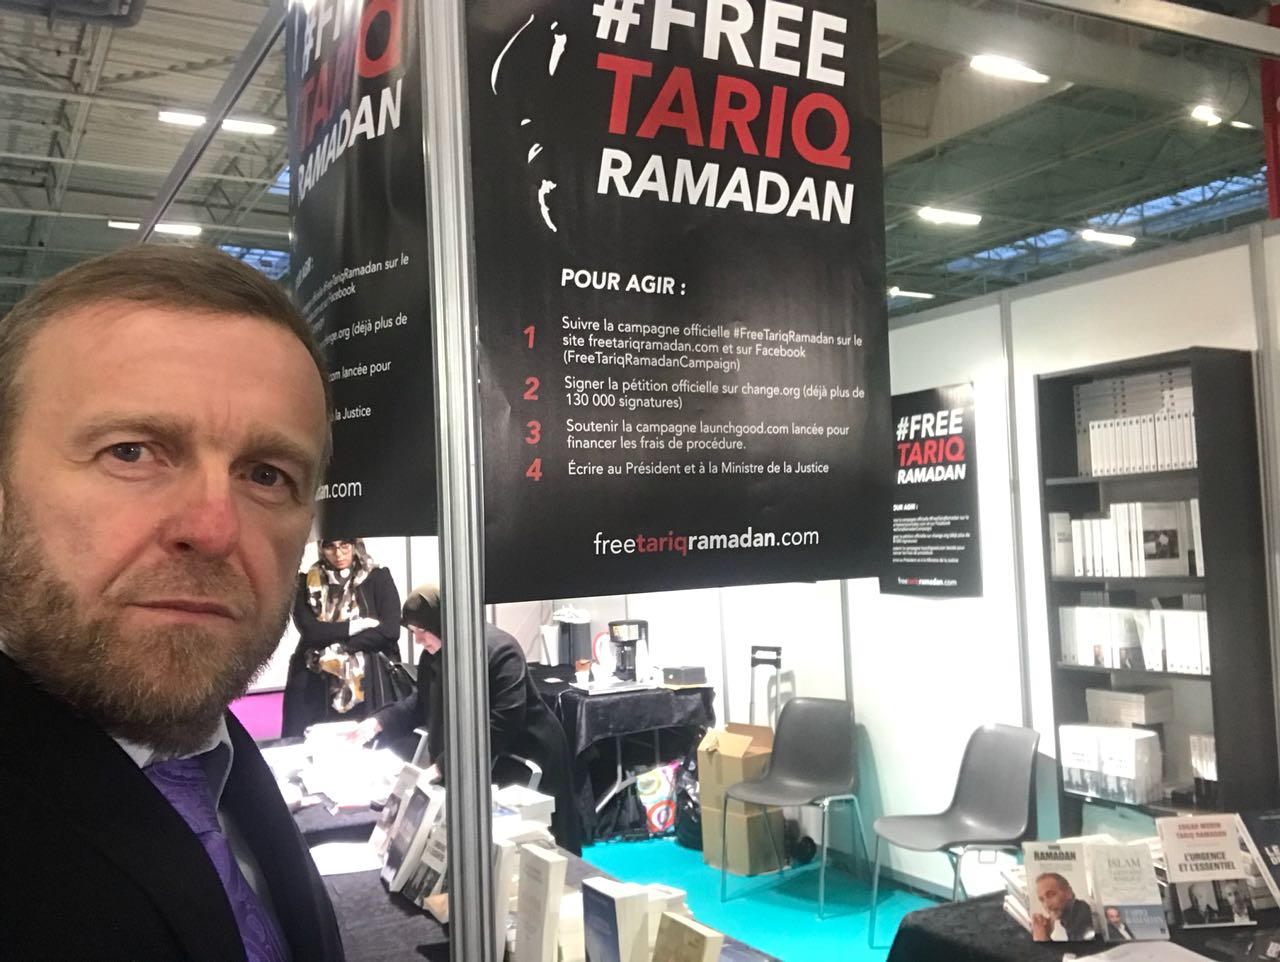 В Париже открылся крупный мусульманский форум-фестиваль